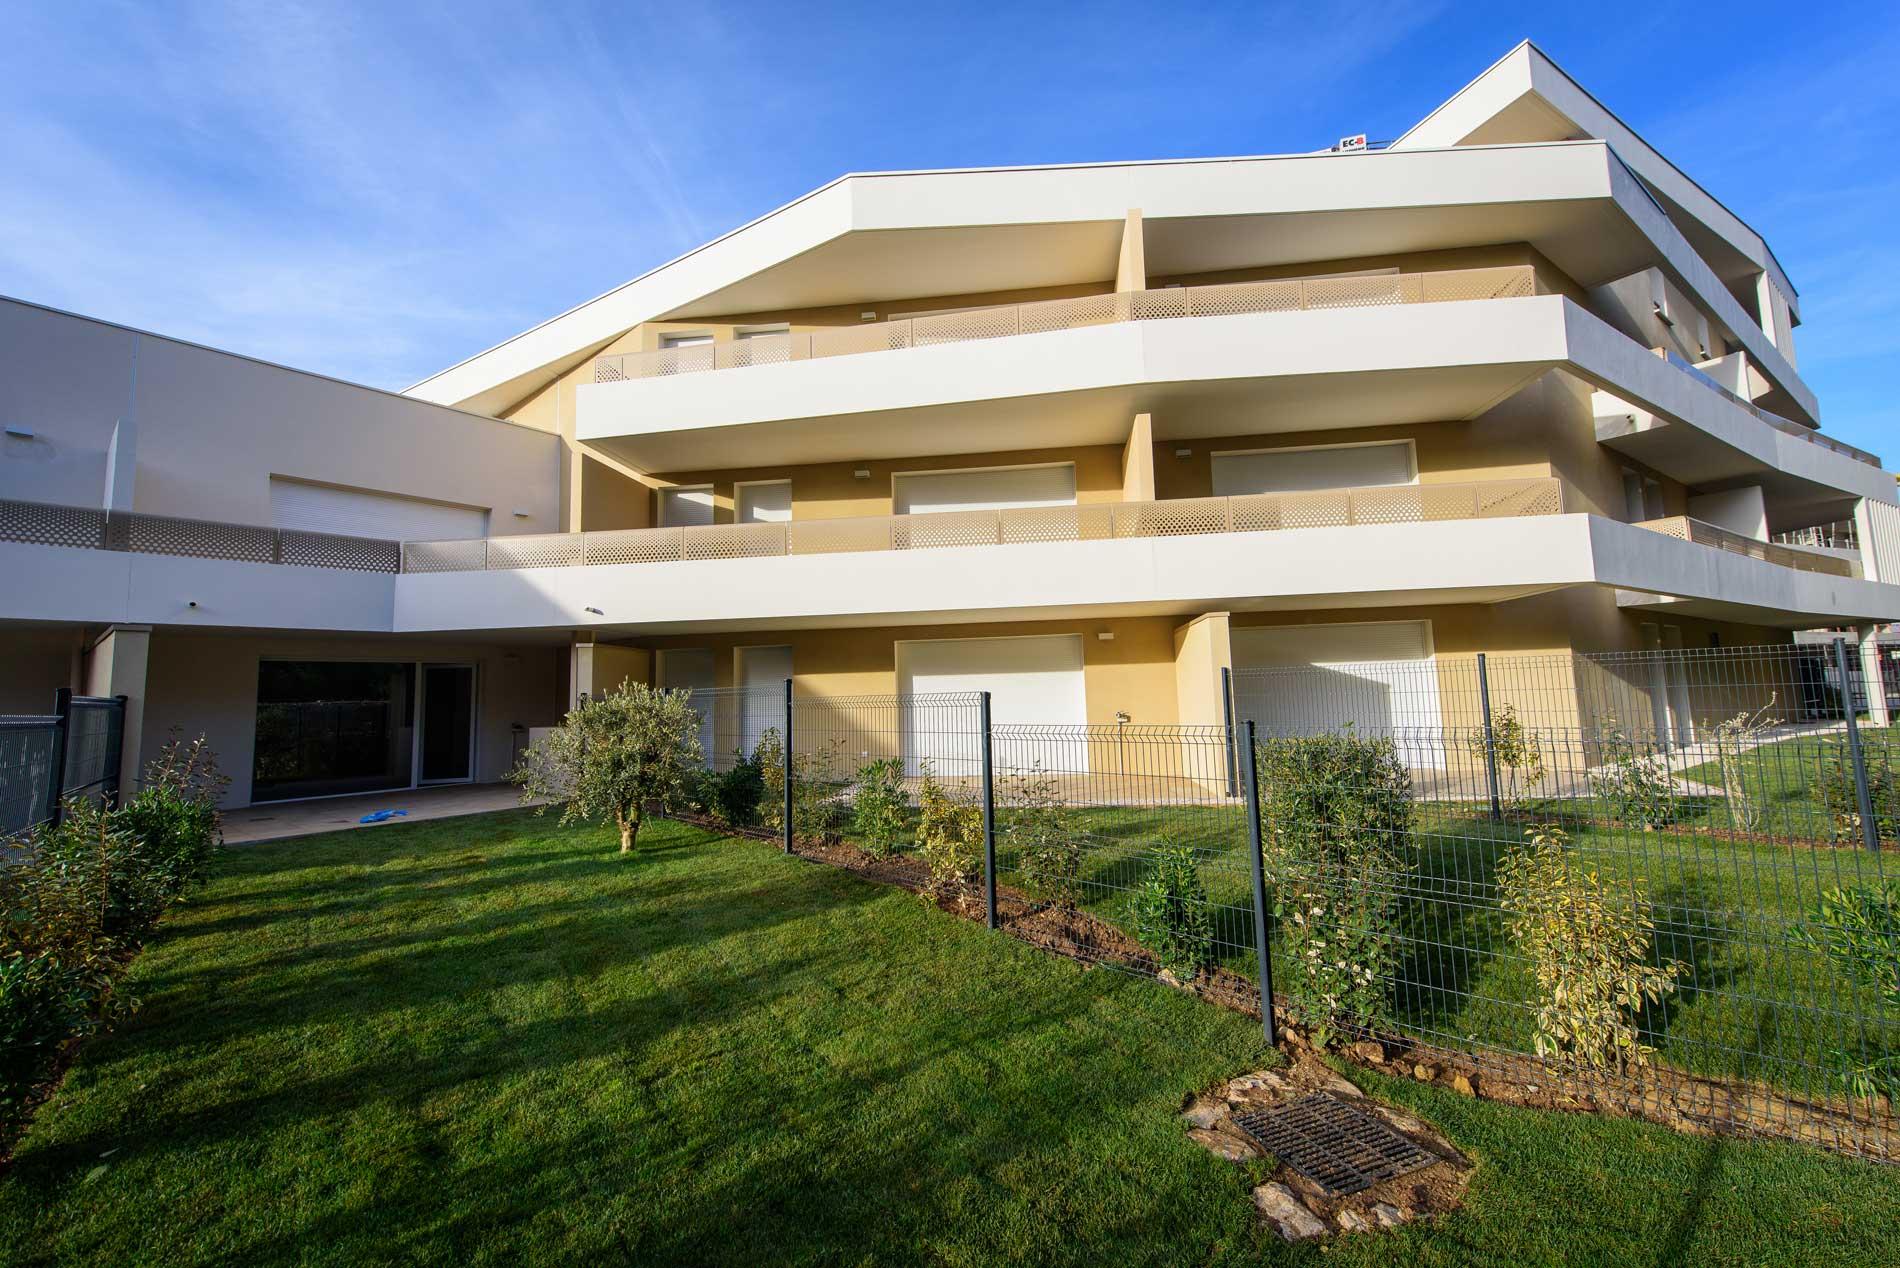 Choississez votre appartement du 2 au 4 pi ces immobilier for Piscine castelnau le lez